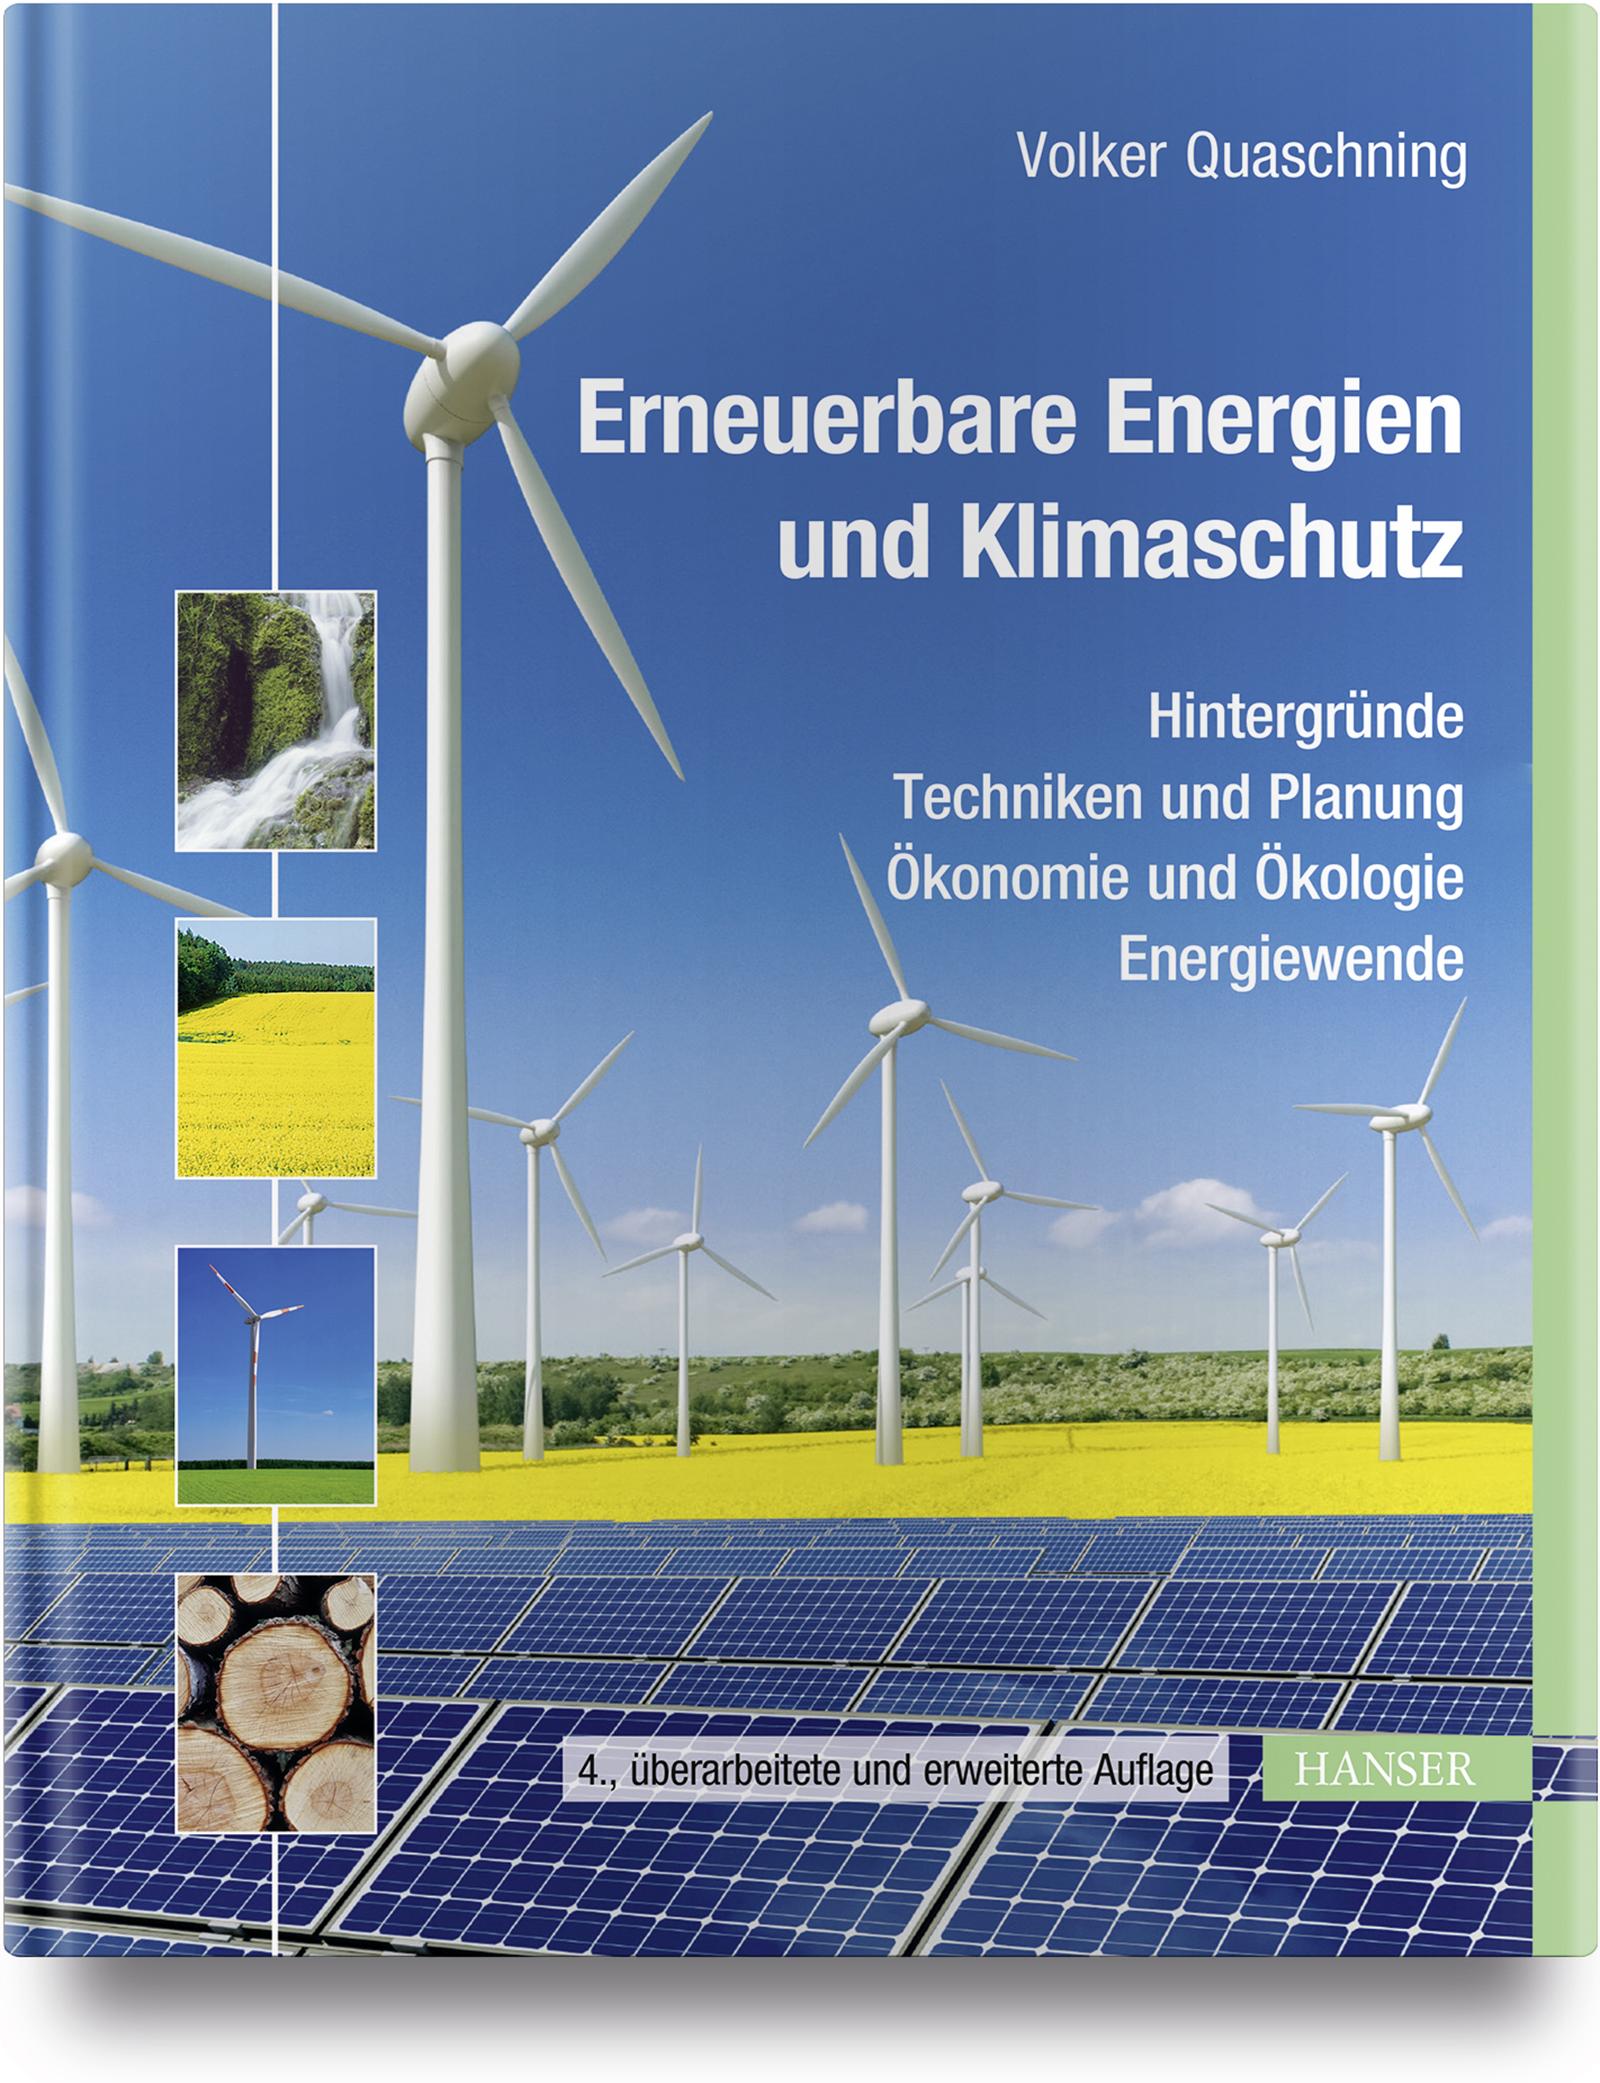 Quaschning, Erneuerbare Energien und Klimaschutz, 978-3-446-45416-3